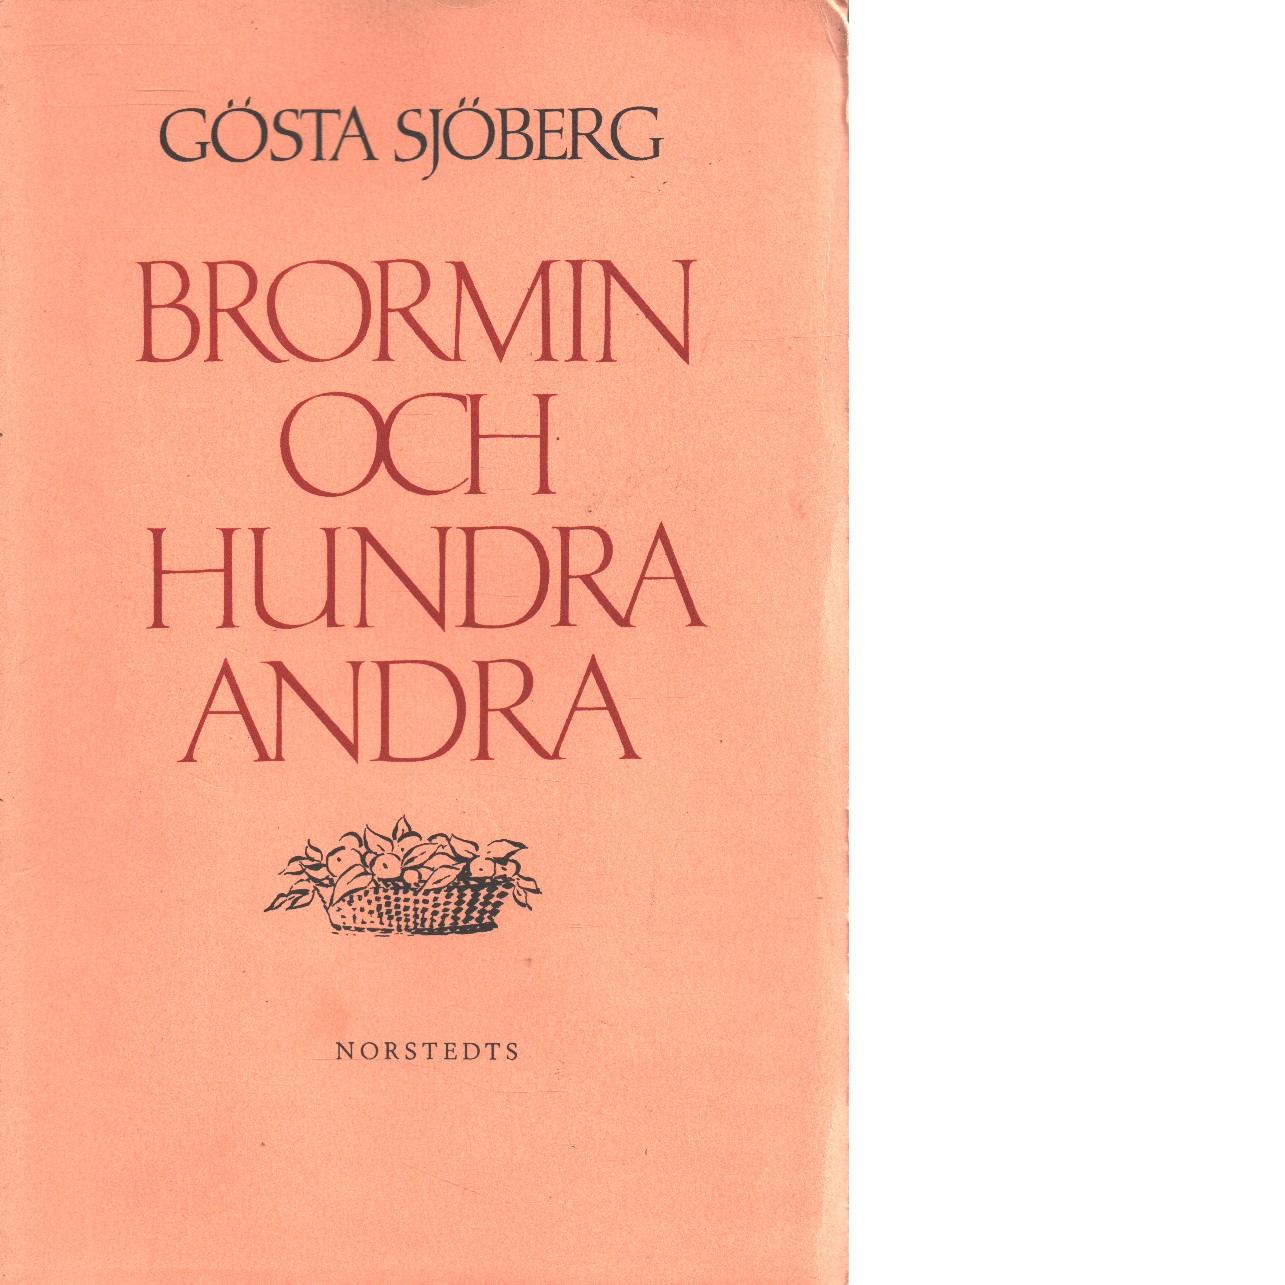 Brormin och hundra andra   [Birger Sjöberg] : impressioner, episoder, porträtt : 80-tal till 30-tal - Sjöberg, Gösta